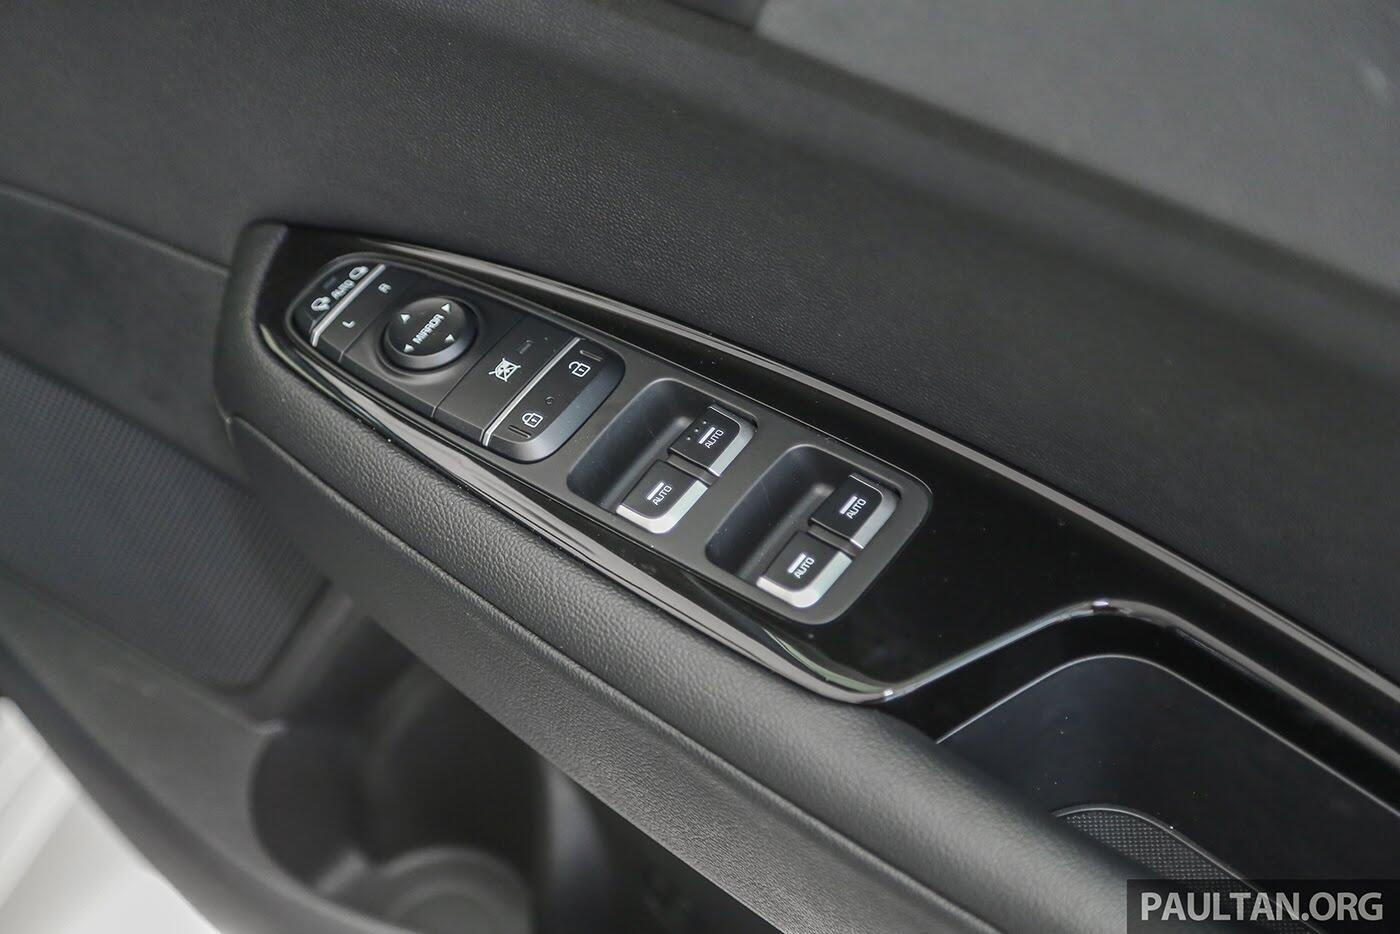 Xem thêm ảnh Kia Optima GT 2017 - Hình 21